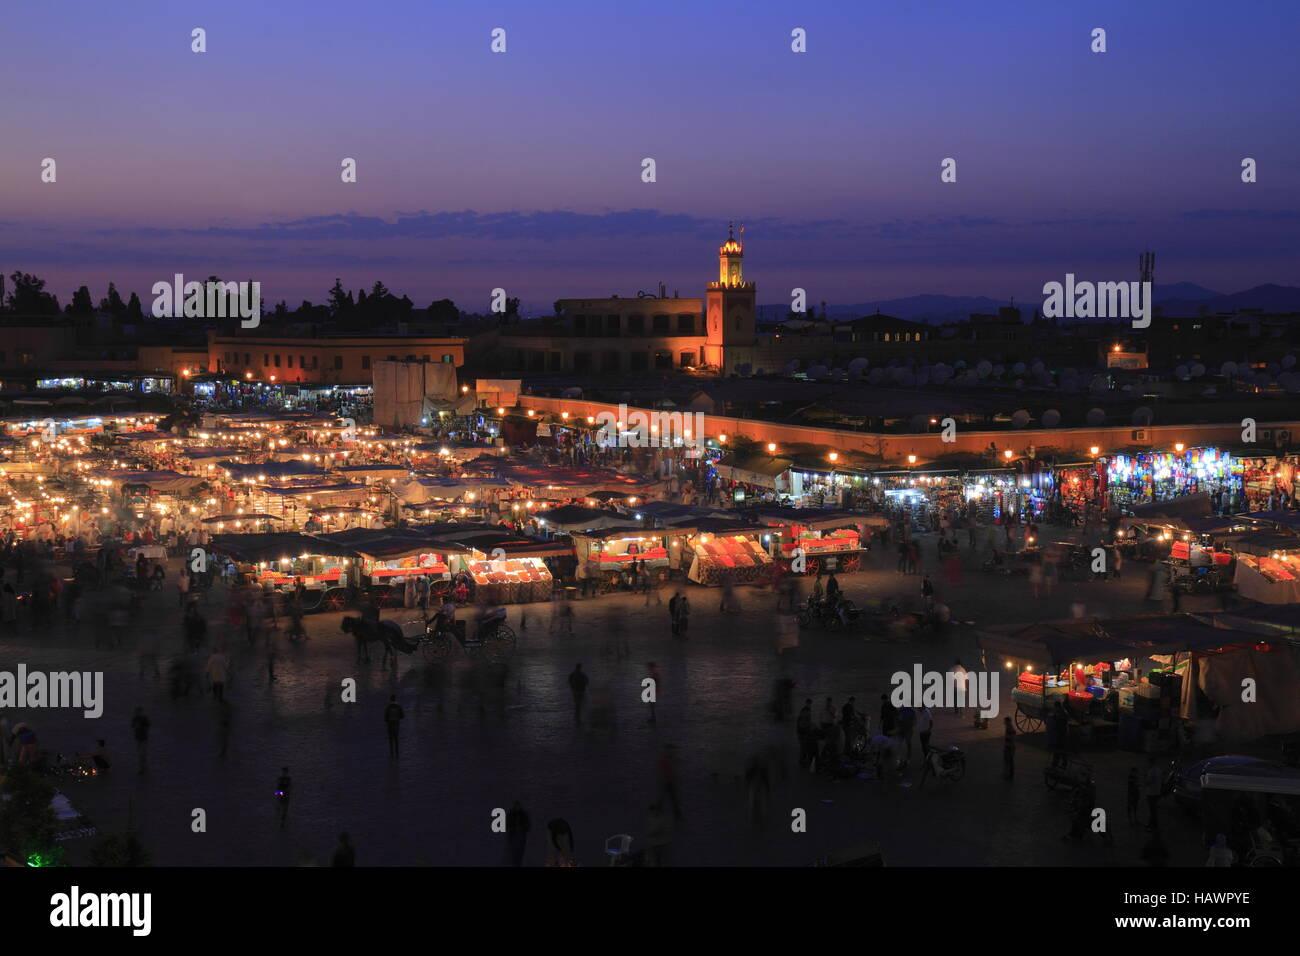 Jamaa el Fna Stock Photo